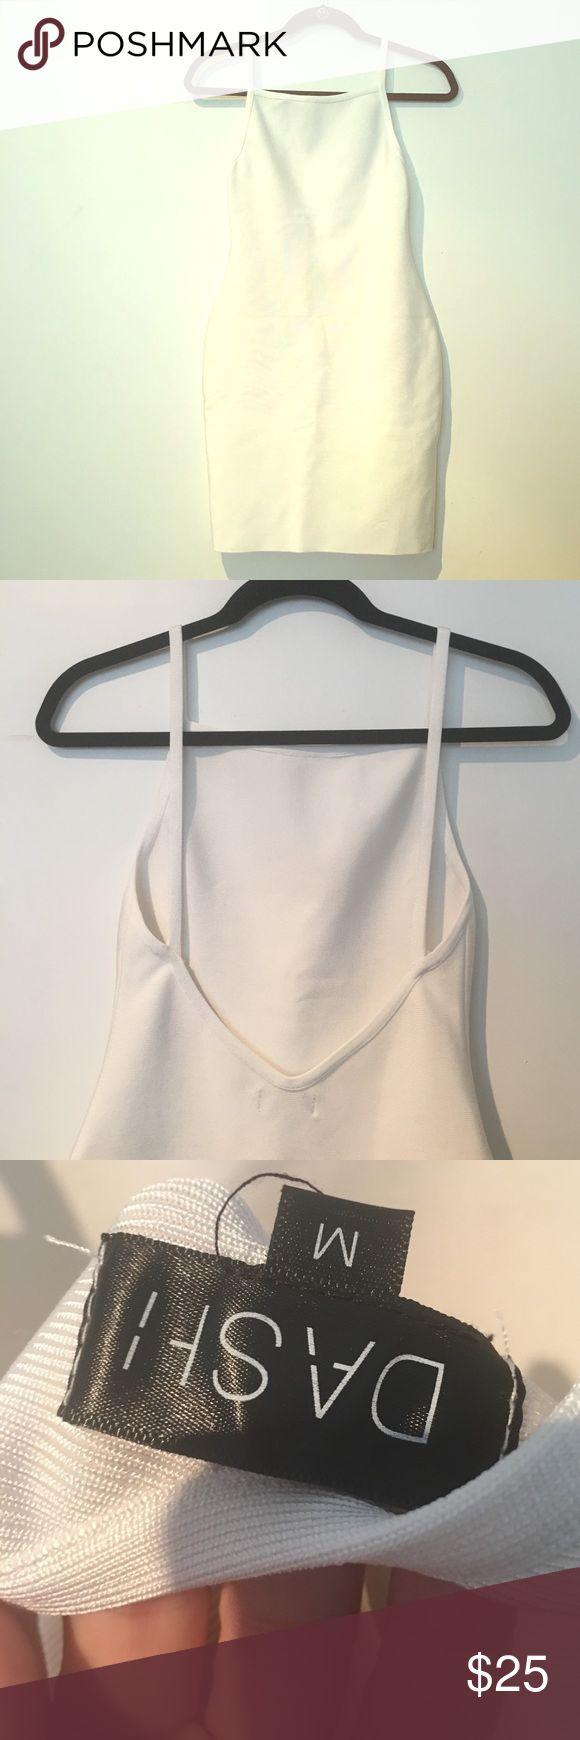 DASH LOS ANGELES KIM KARDASHIAN BACKLESS BANDAGE New. White bandage by kim kardashian store DASH DASH Dresses